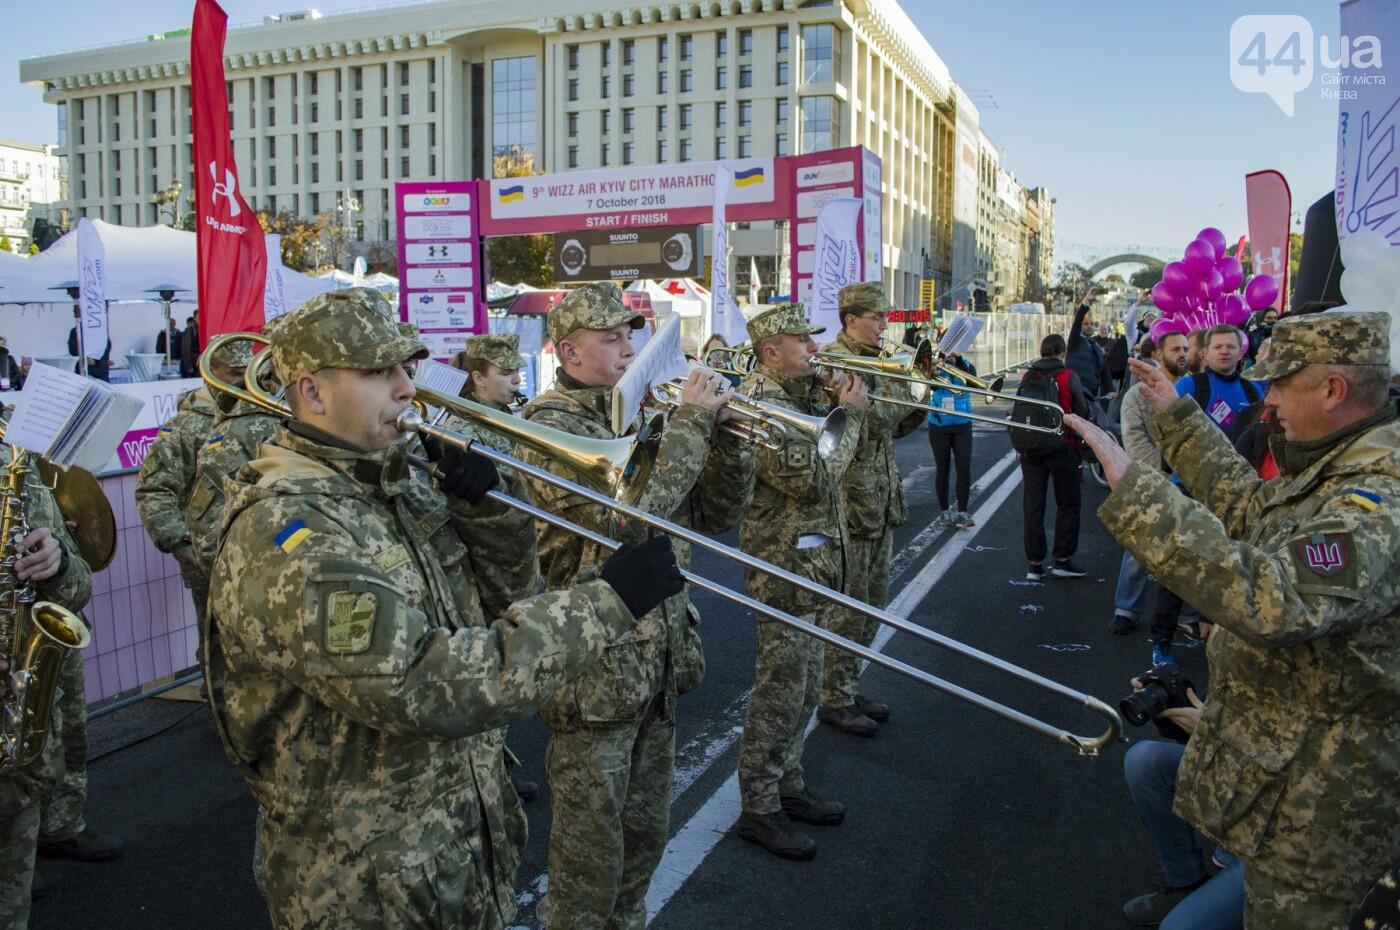 В центре Киева тысячи семей, детей и воинов АТО пробежали марафон, - ФОТОРЕПОРТАЖ, фото-1